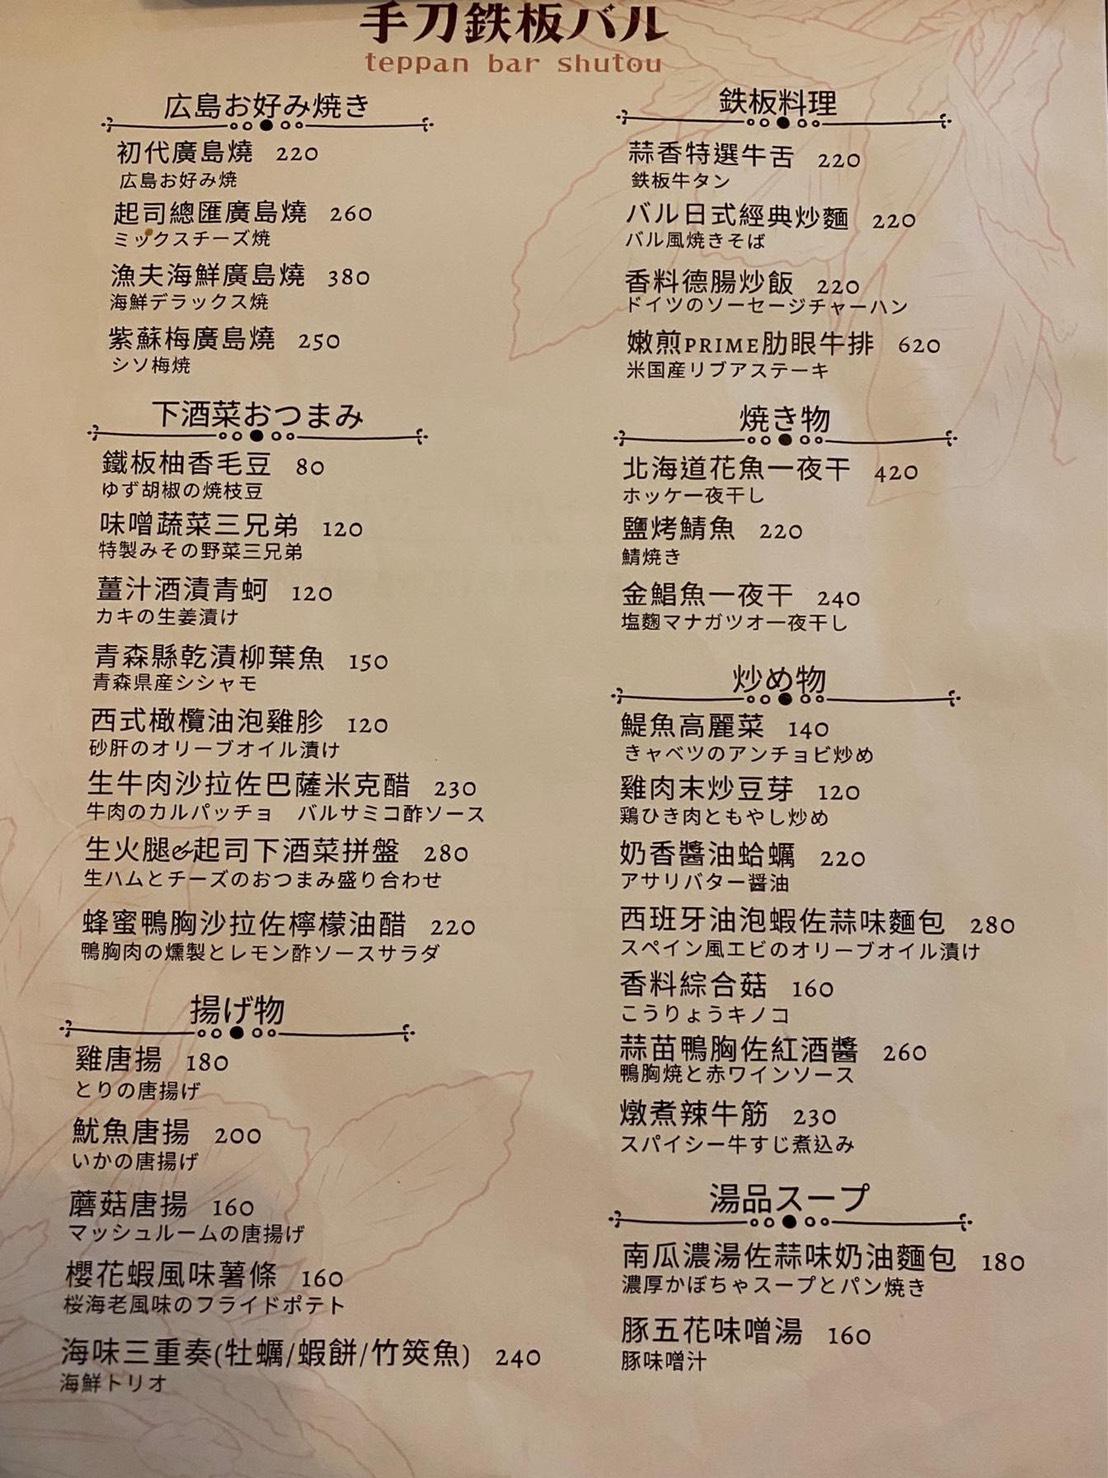 [高雄聚餐推薦]手刀鉄板バル-日式廣島燒x紅白酒獨特搭法!?超人氣高雄餐酒館! @美食好芃友